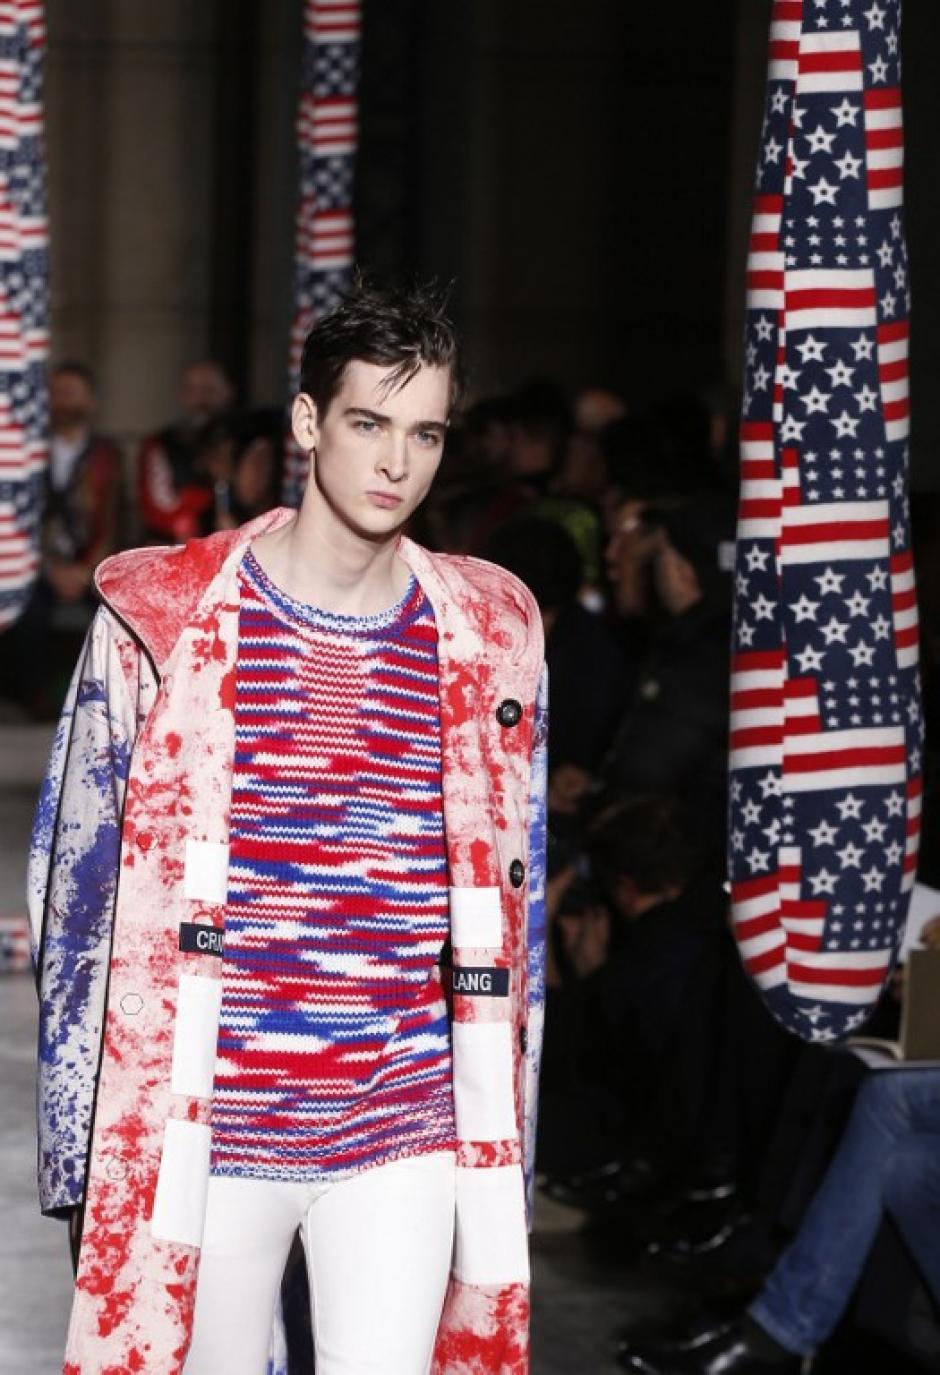 El diseñador belga Raf Simmons también optó por utilizar colores encendidos para la temporada otoño - invierno de 2014